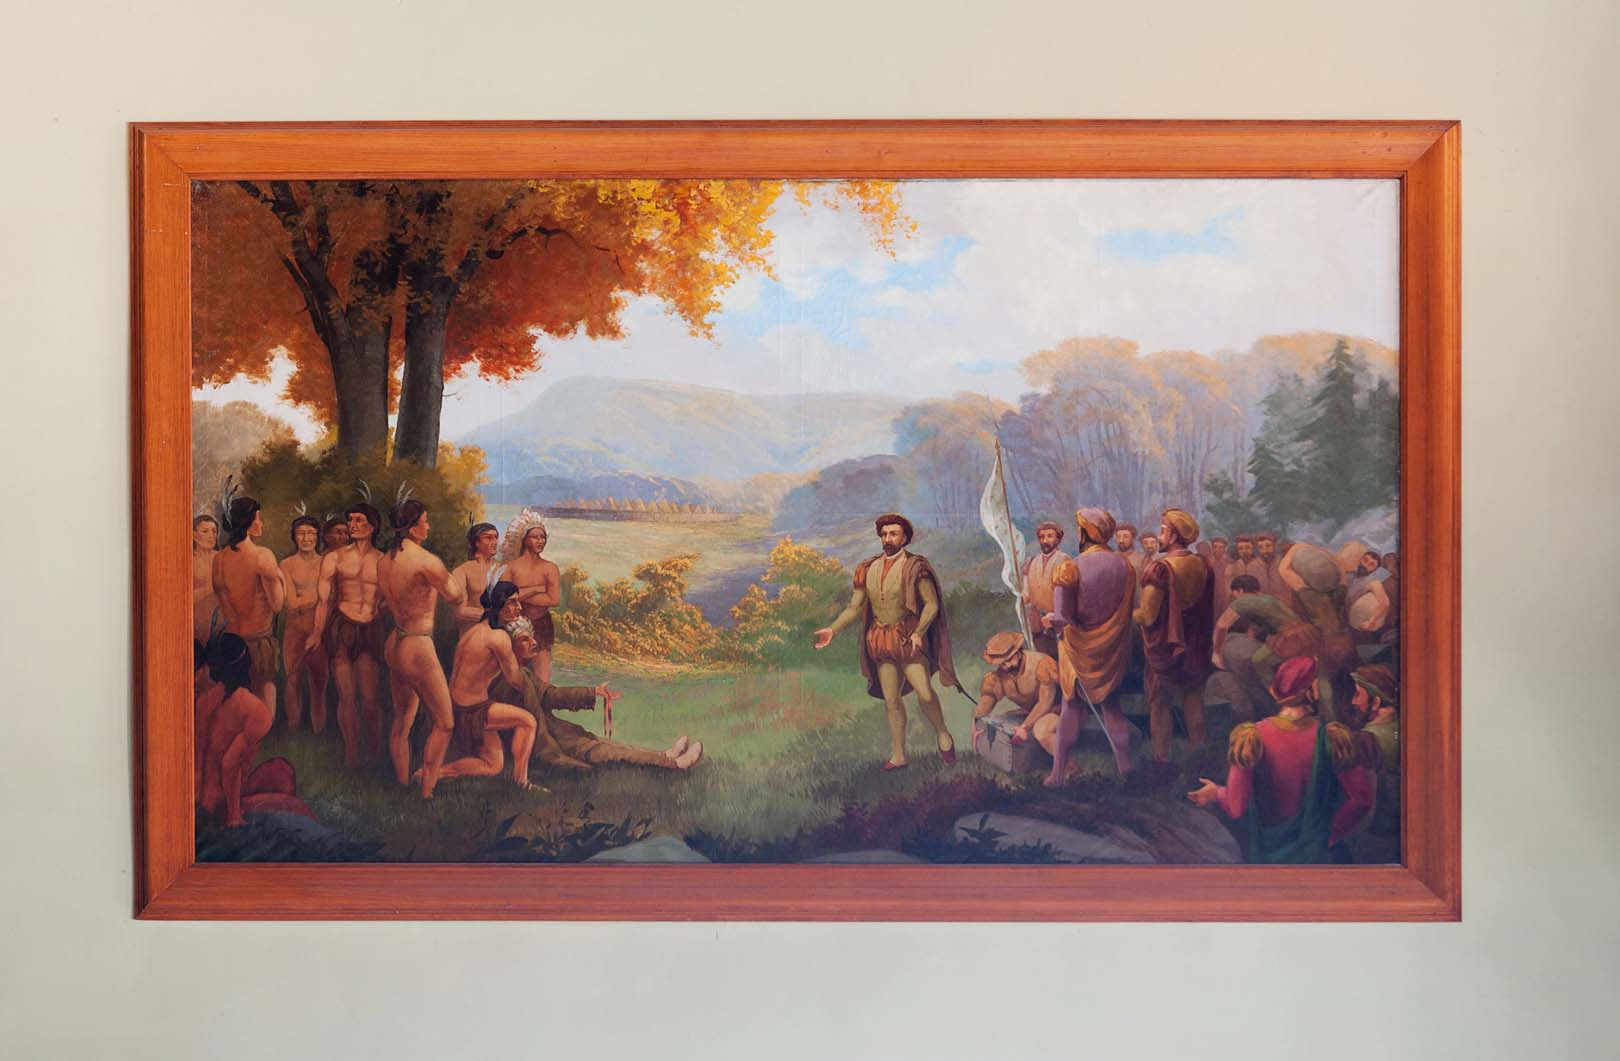 Jacques Cartier est reçu par le chef Agouhana, Lucien Boudot, Fernand Cerceau